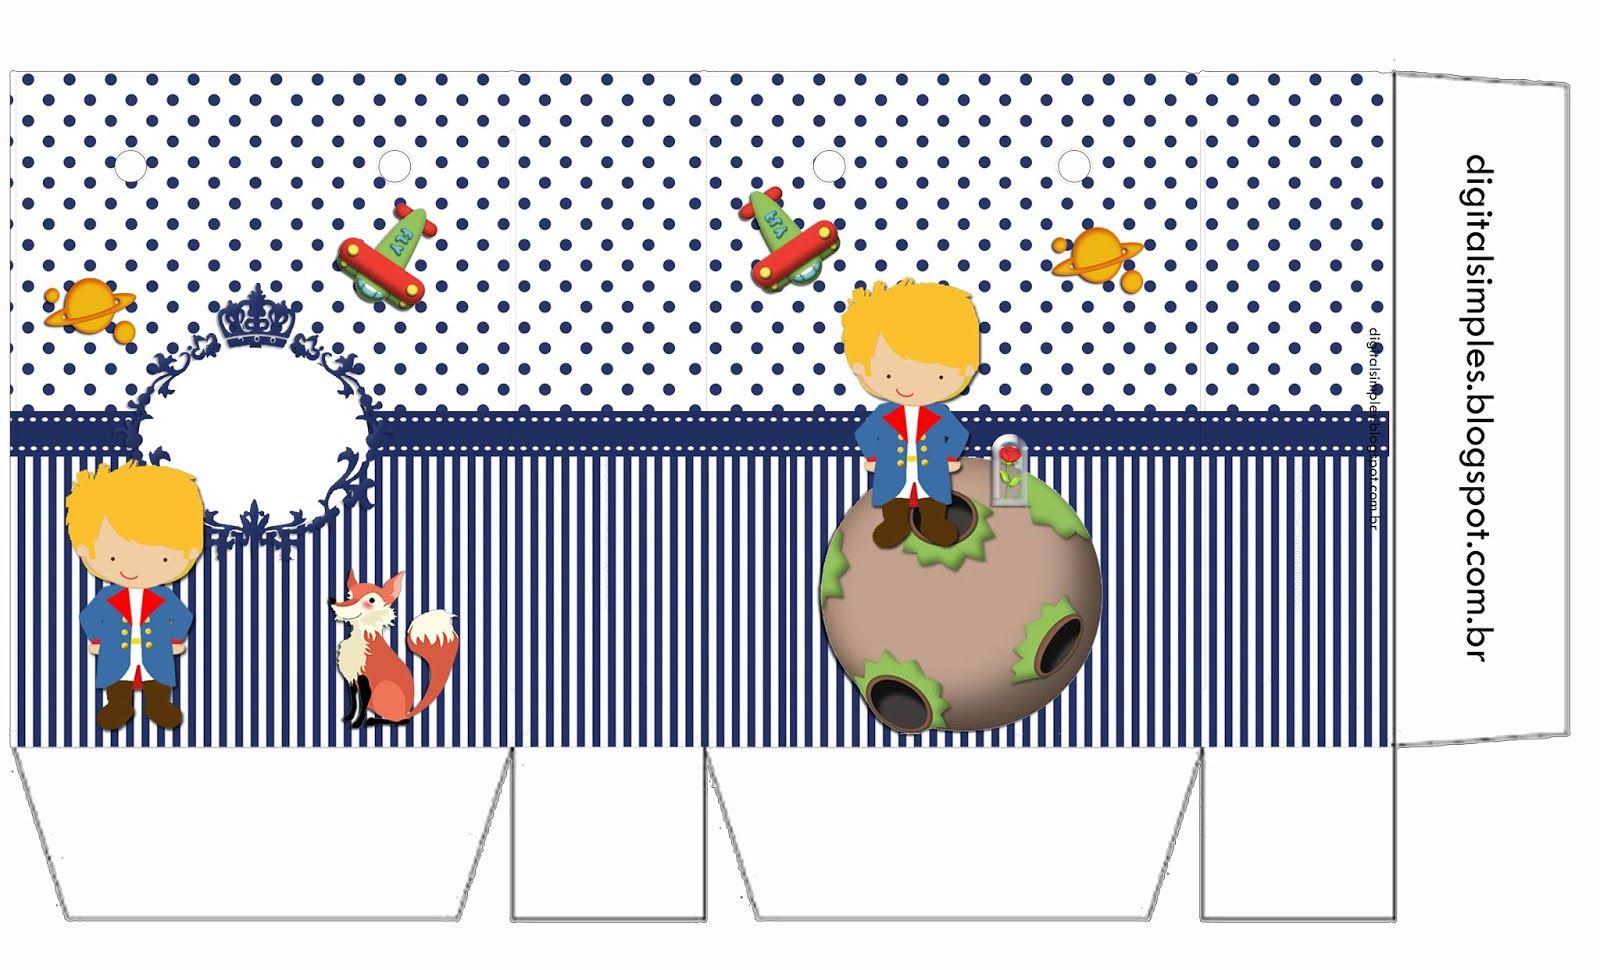 Festa Tema Pequeno Principe Para Imprimir Convite Pequeno